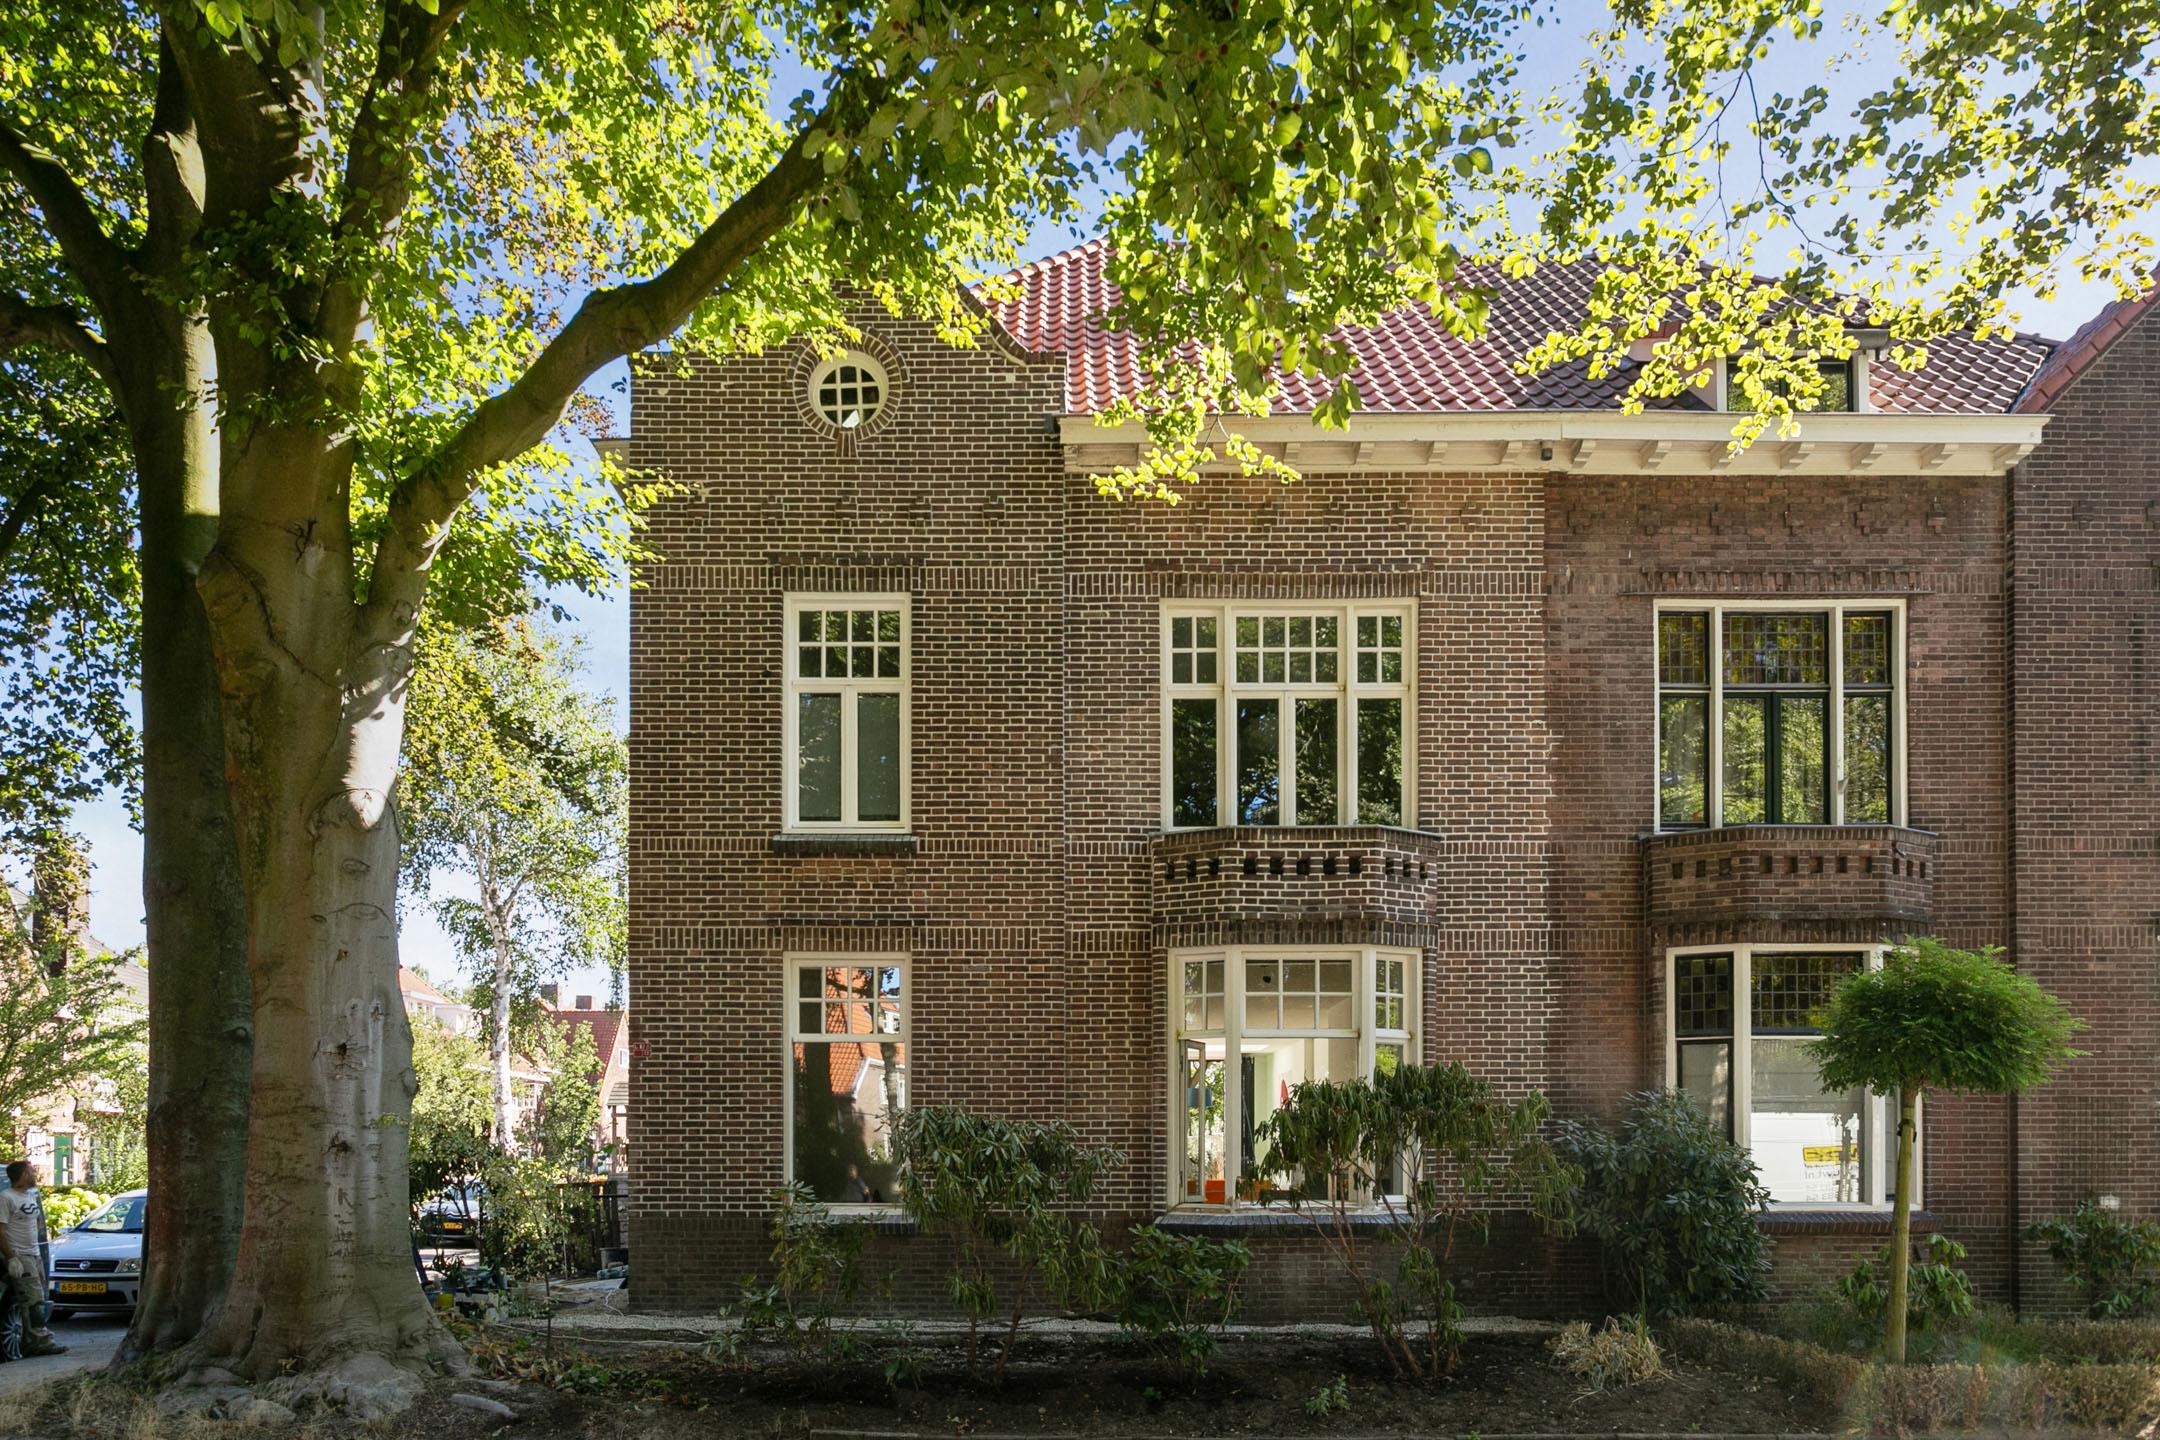 Suzanne_Geux_renovatie en verbouwing_Eindhoven_nieuwe situatie_1.jpg